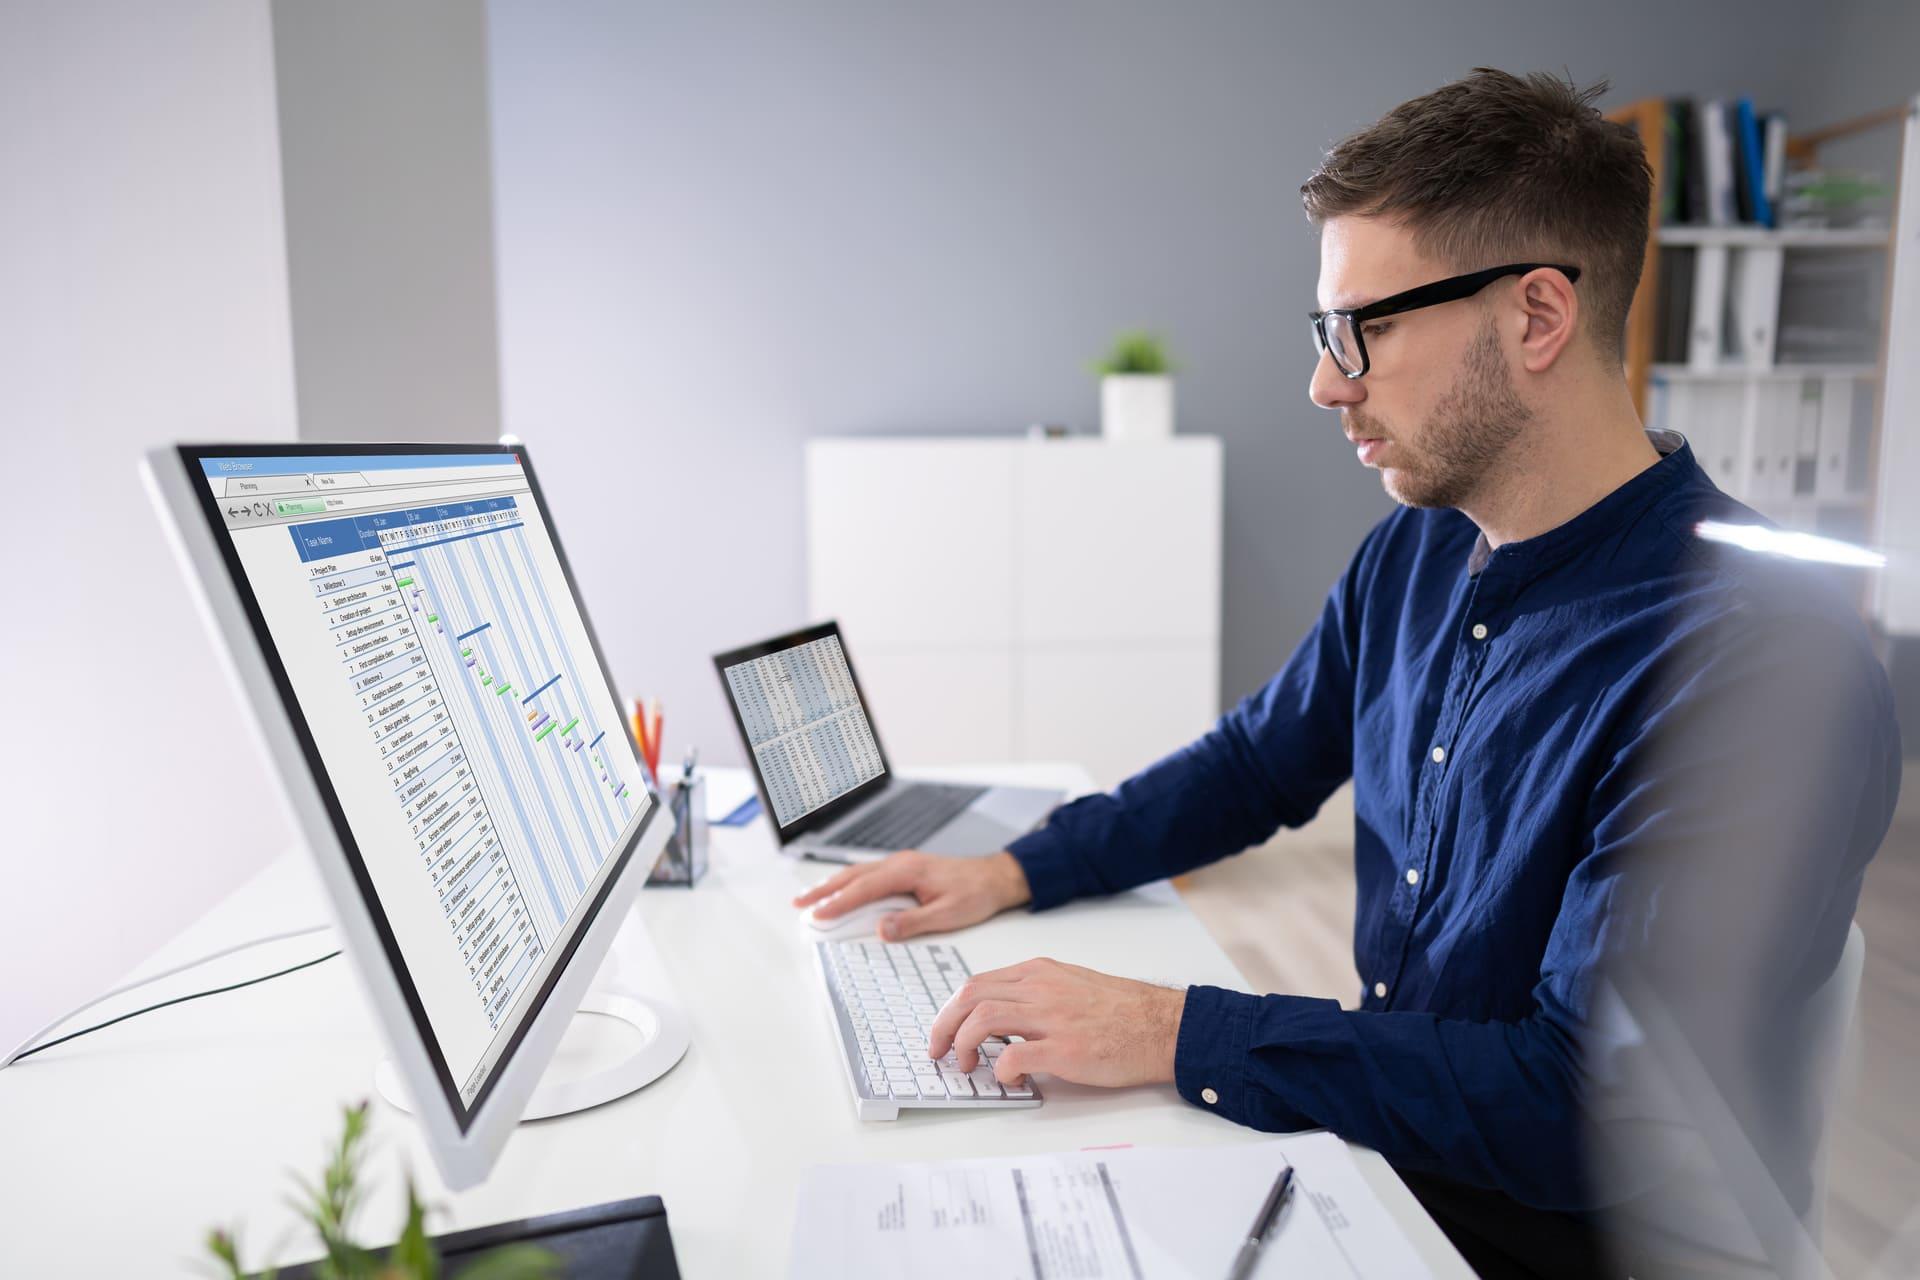 man bekijkt financiële rapportages via desktop computer